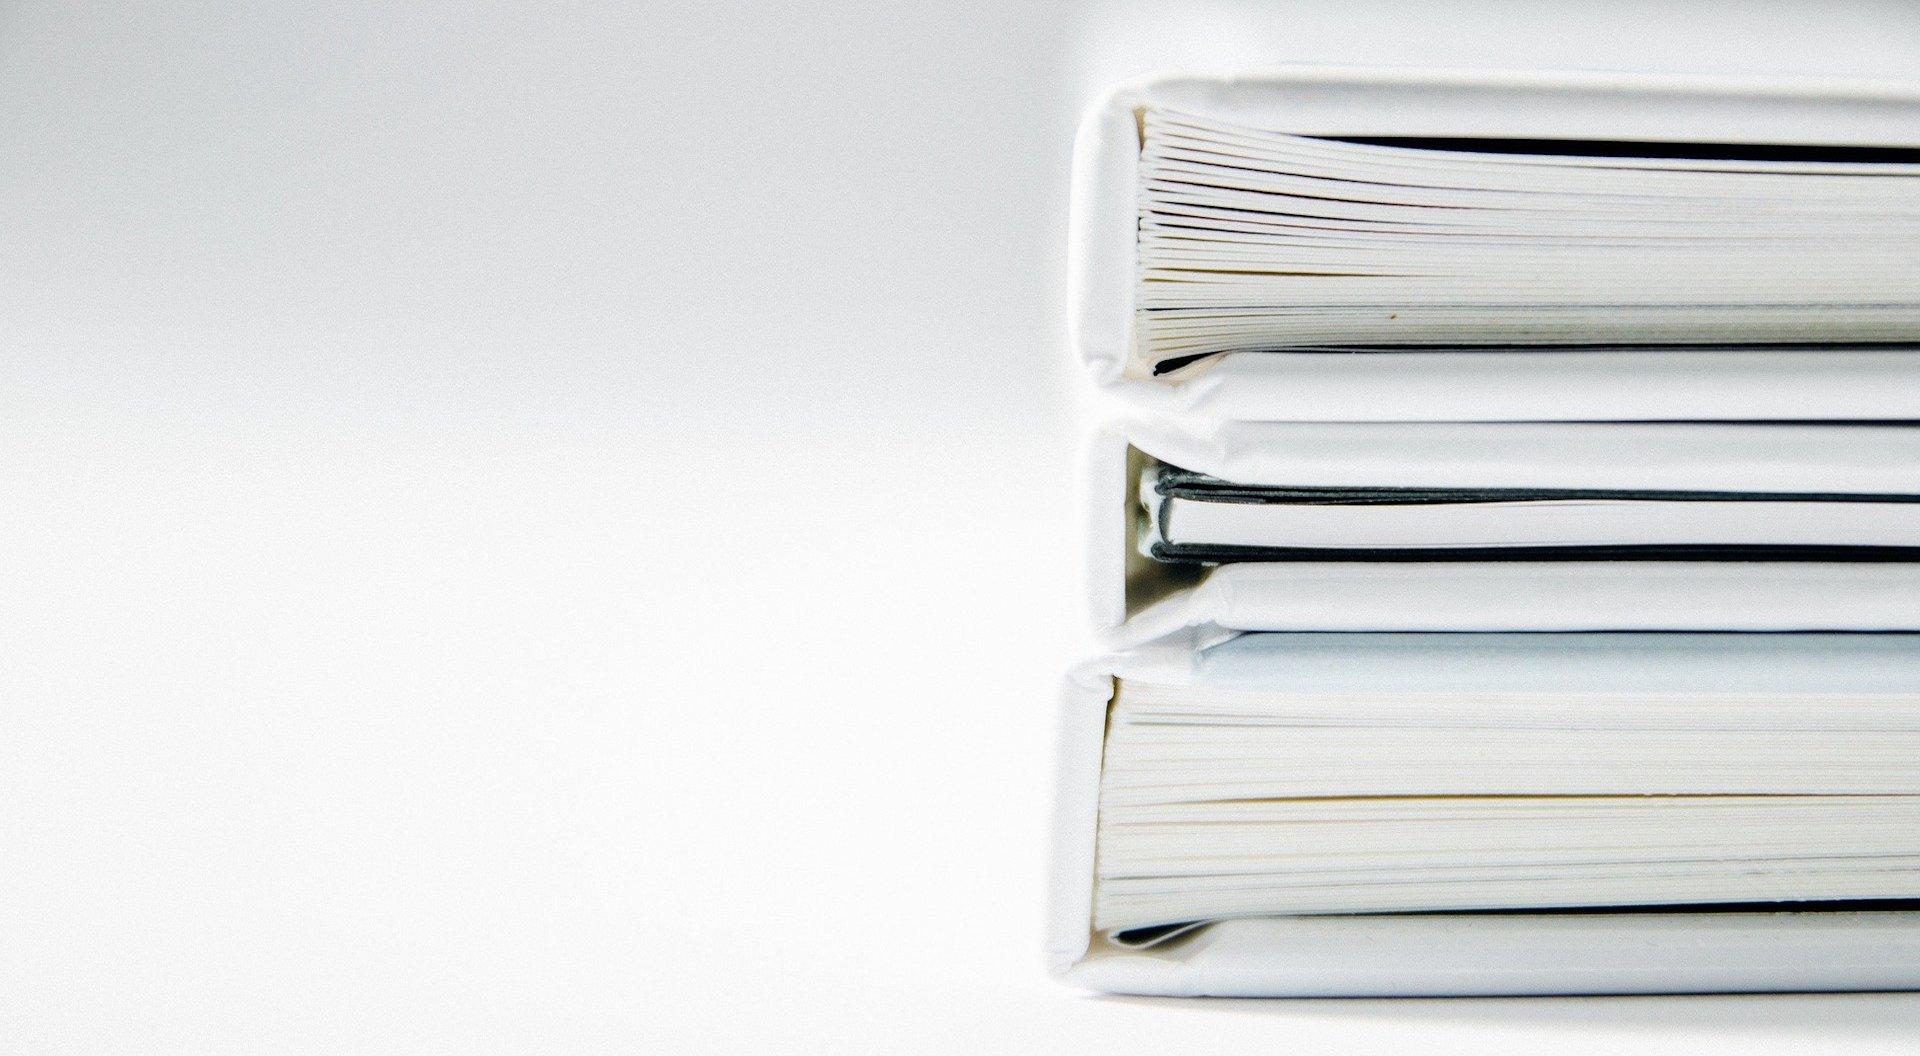 Eonum Document Review